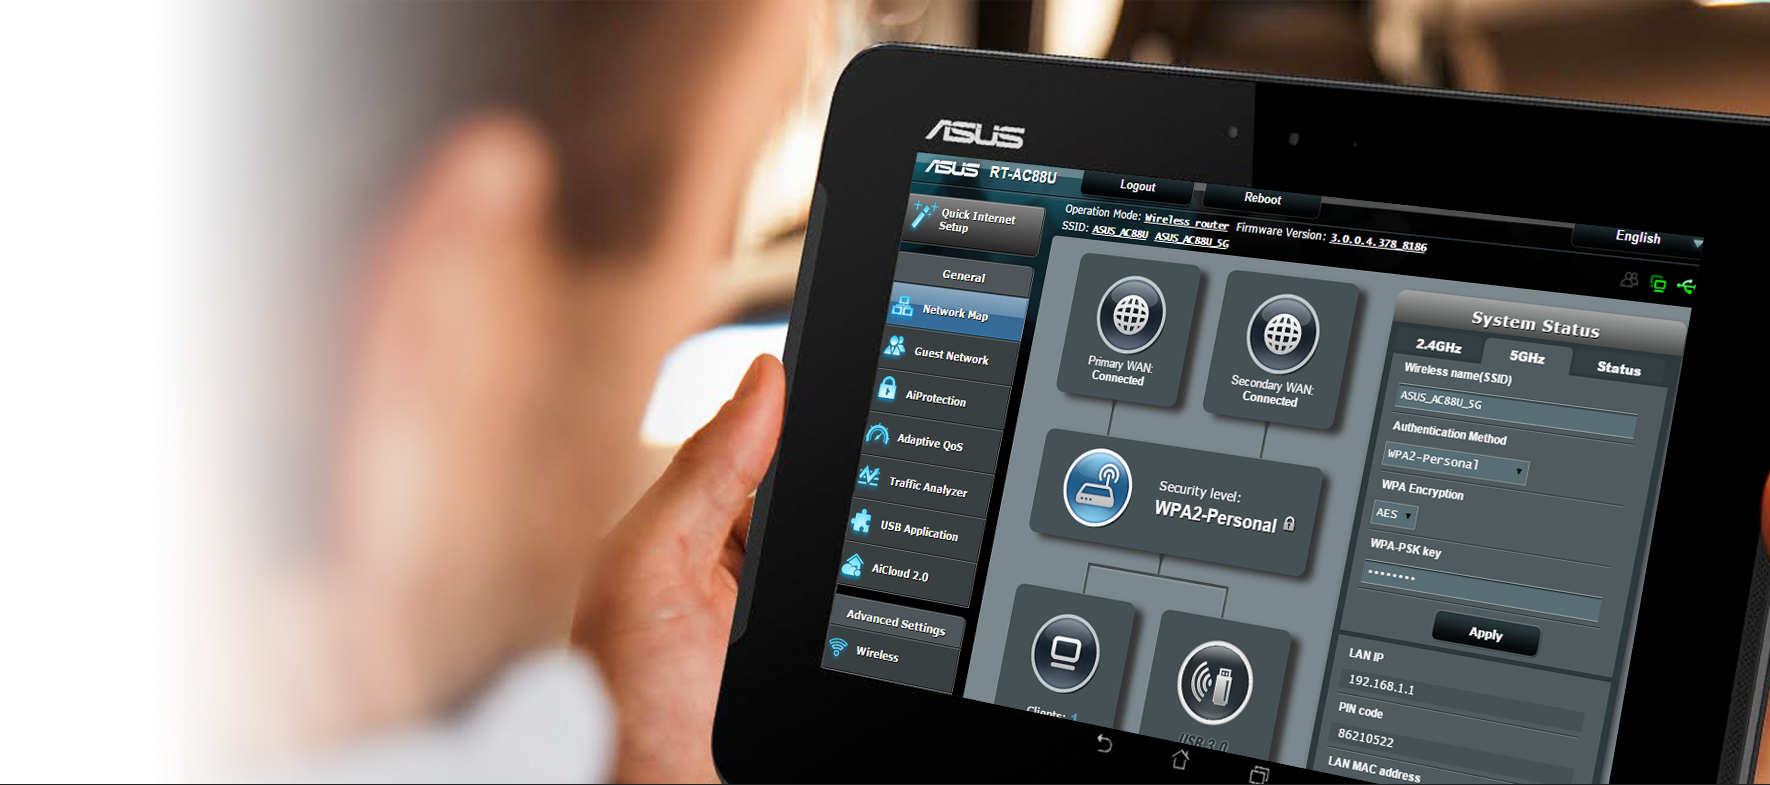 L'interface utilisateur graphique ASUSWRT propose une installation rapide et des contrôles avancés pour votre réseau.